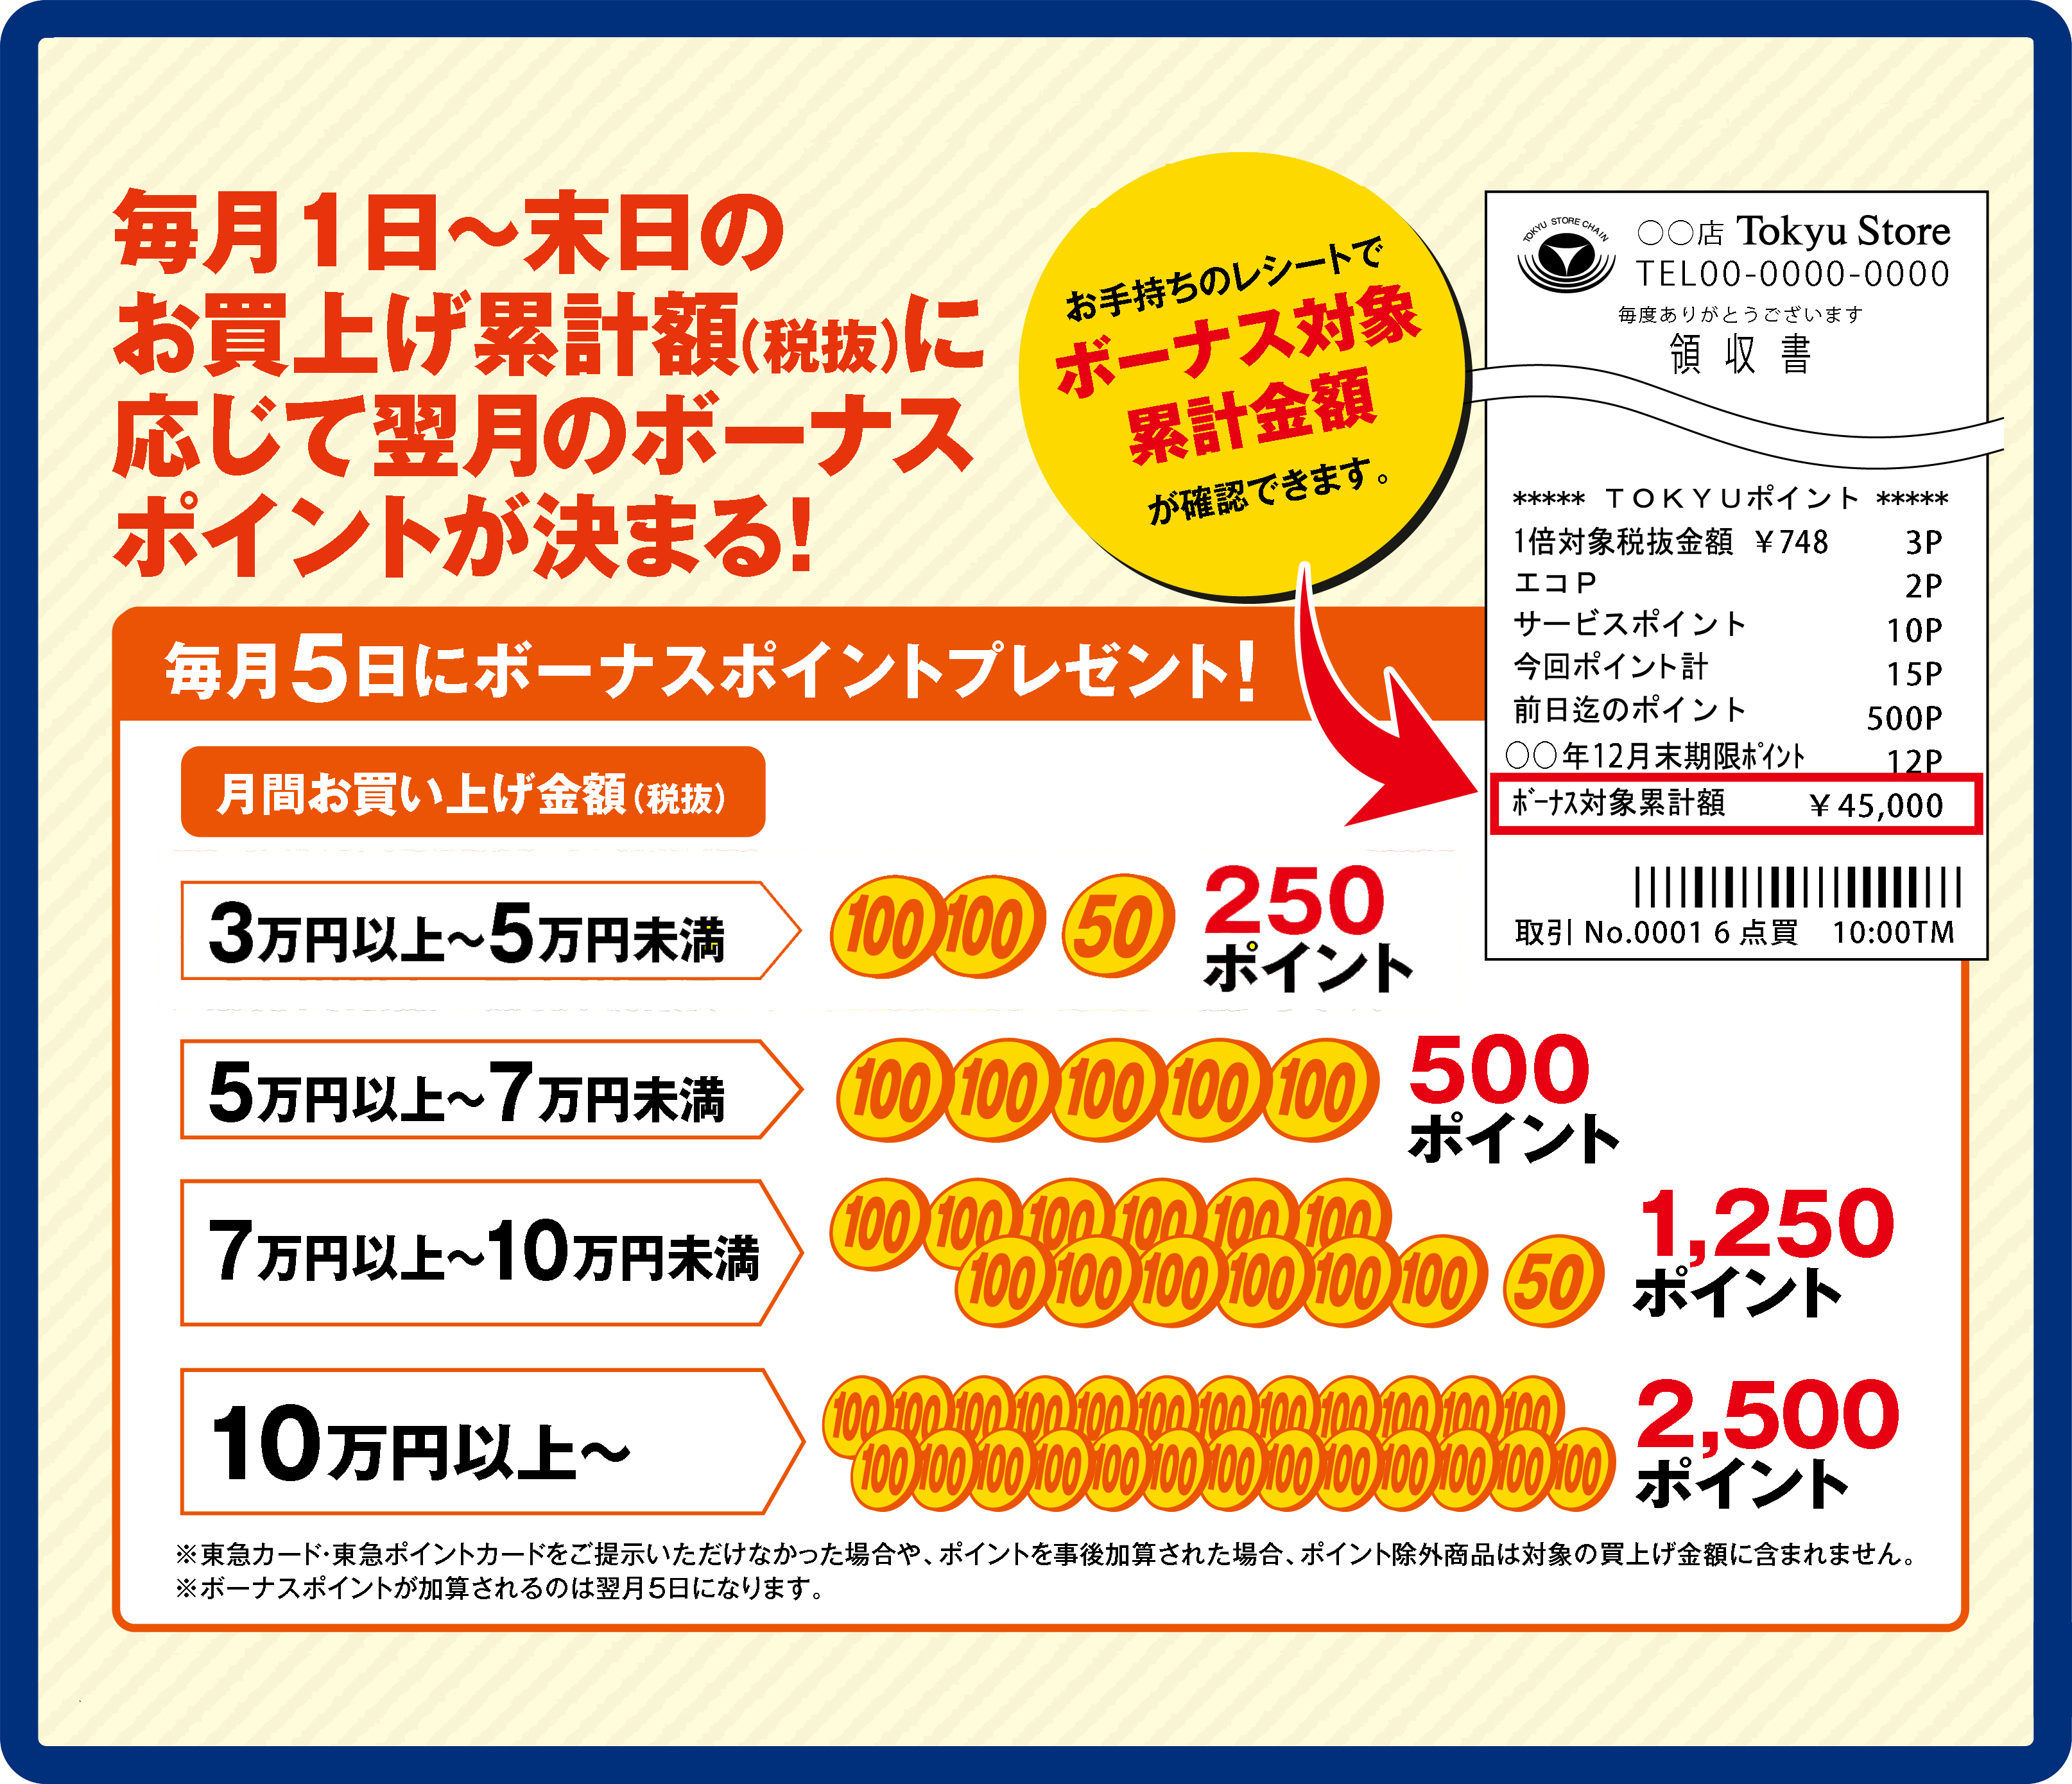 東急カード 種類